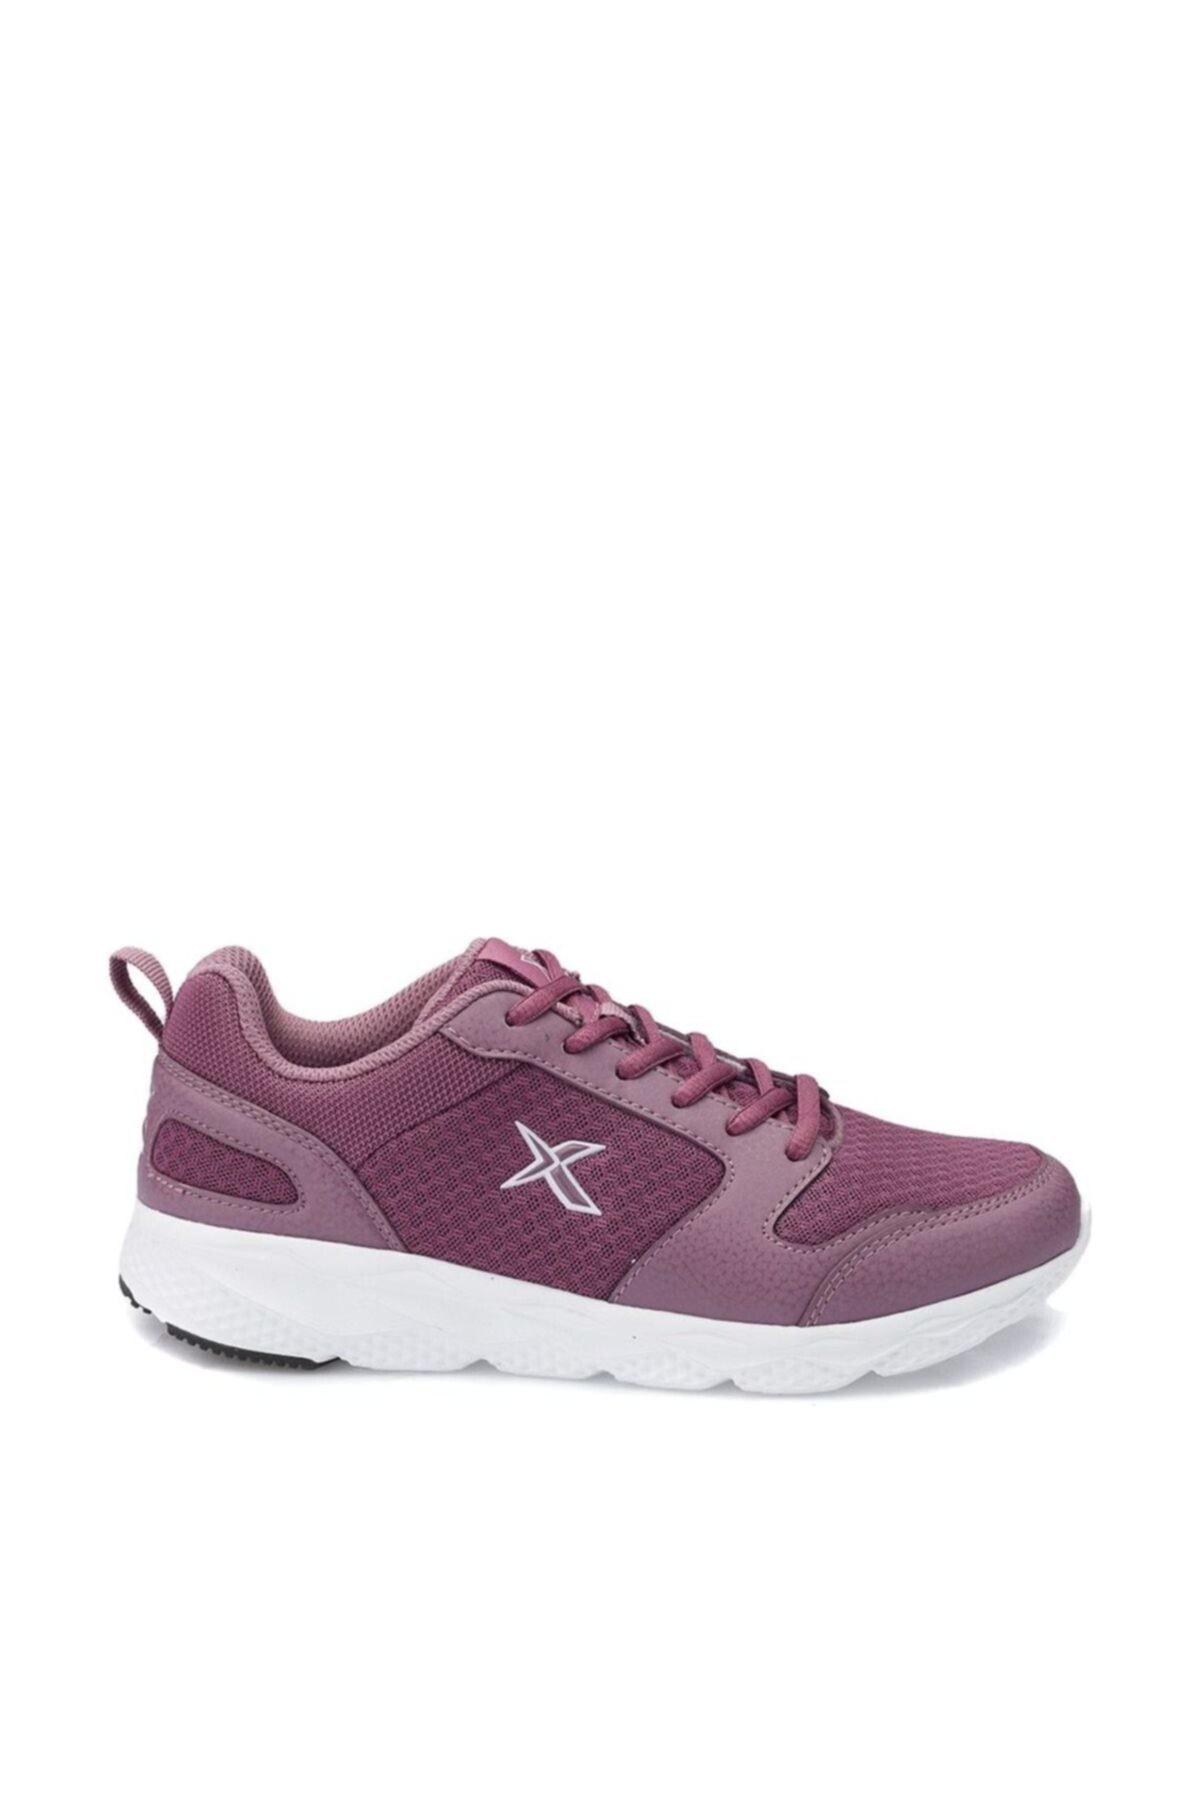 Kinetix OKA W Mor Kadın Koşu Ayakkabısı 100323565 2